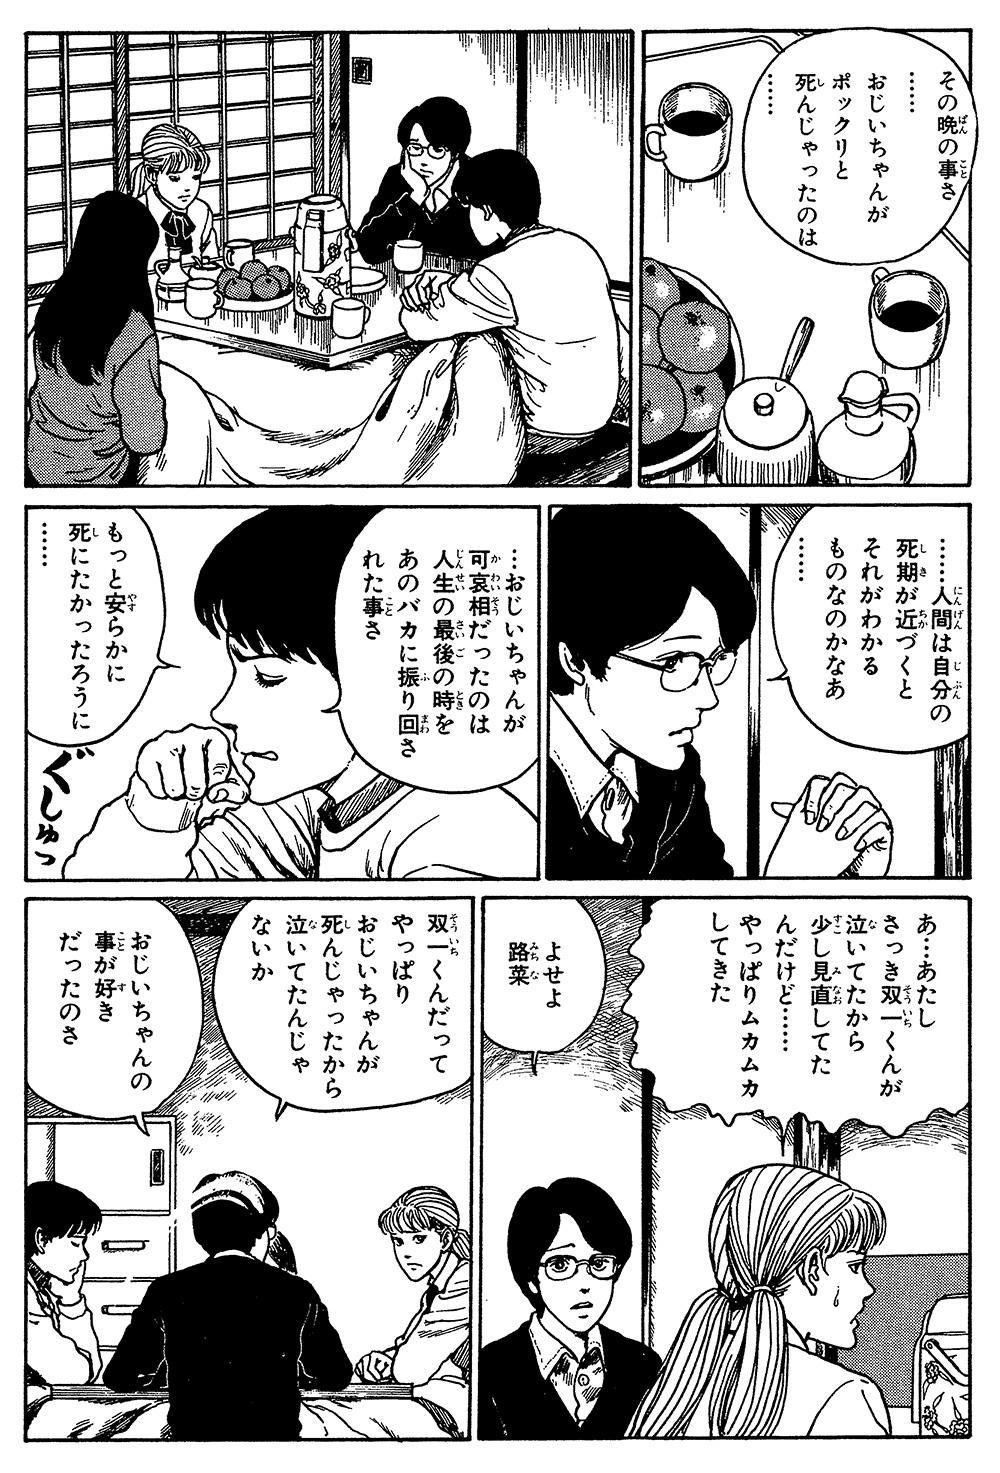 伊藤潤二傑作集「棺桶」①kanoke01-16.jpg